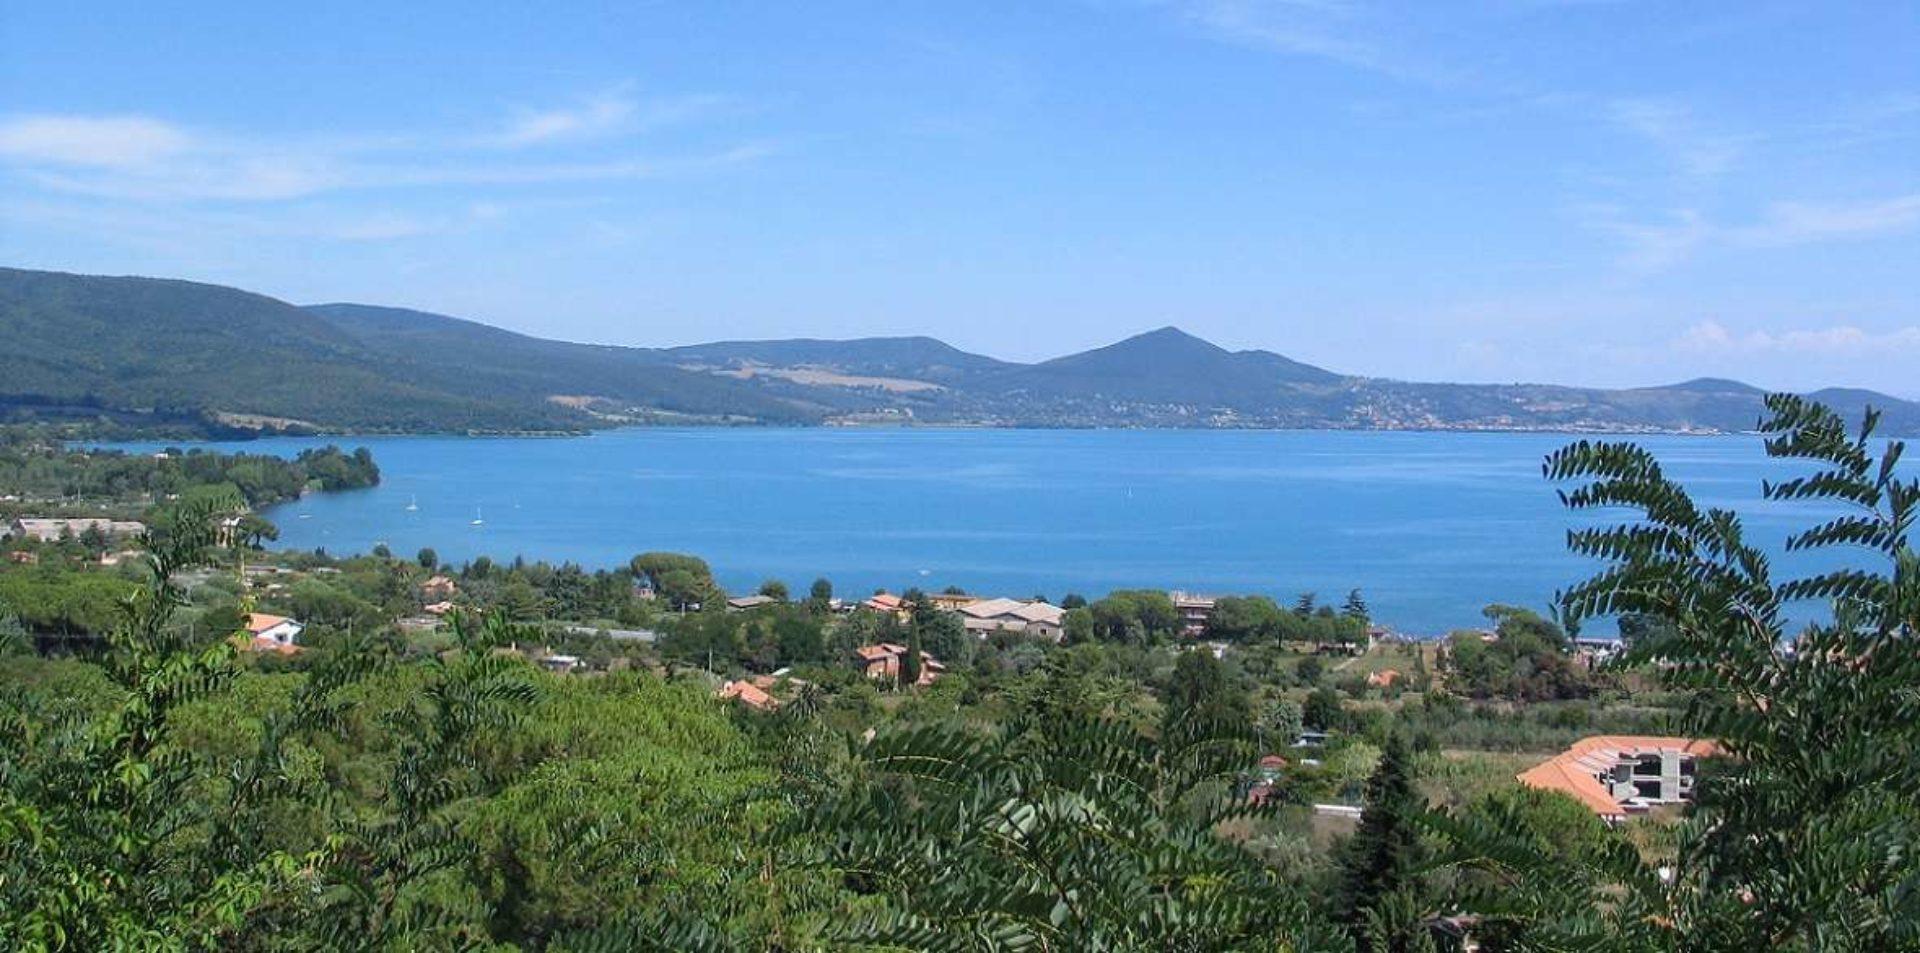 Elicottero Lago di Bracciano